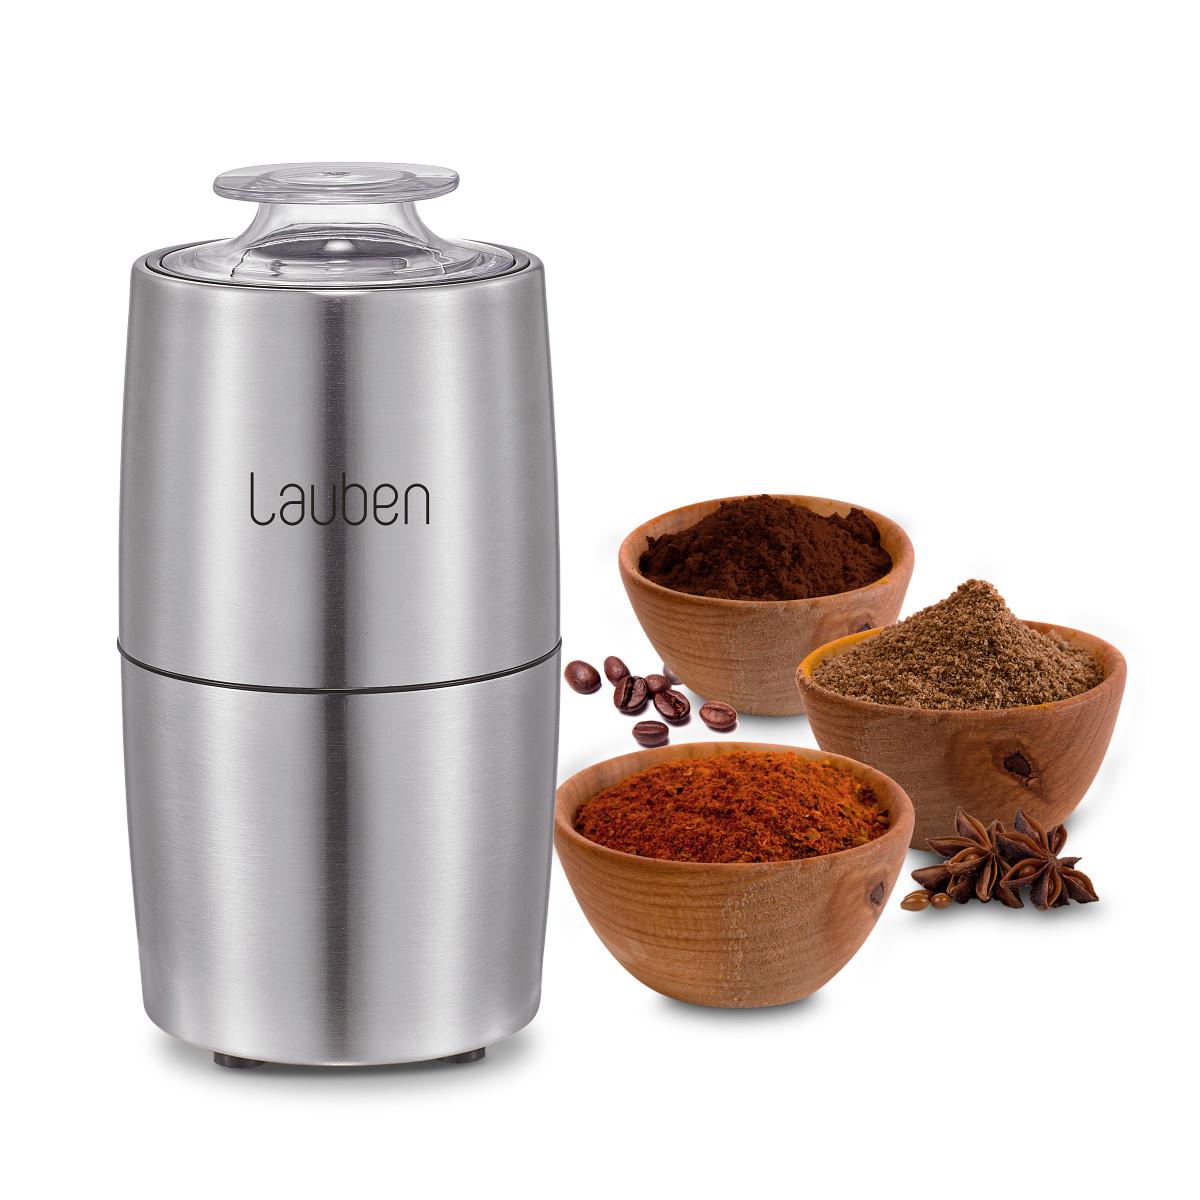 Káva, semínka nebo i ořechy přesně podle vašich představ